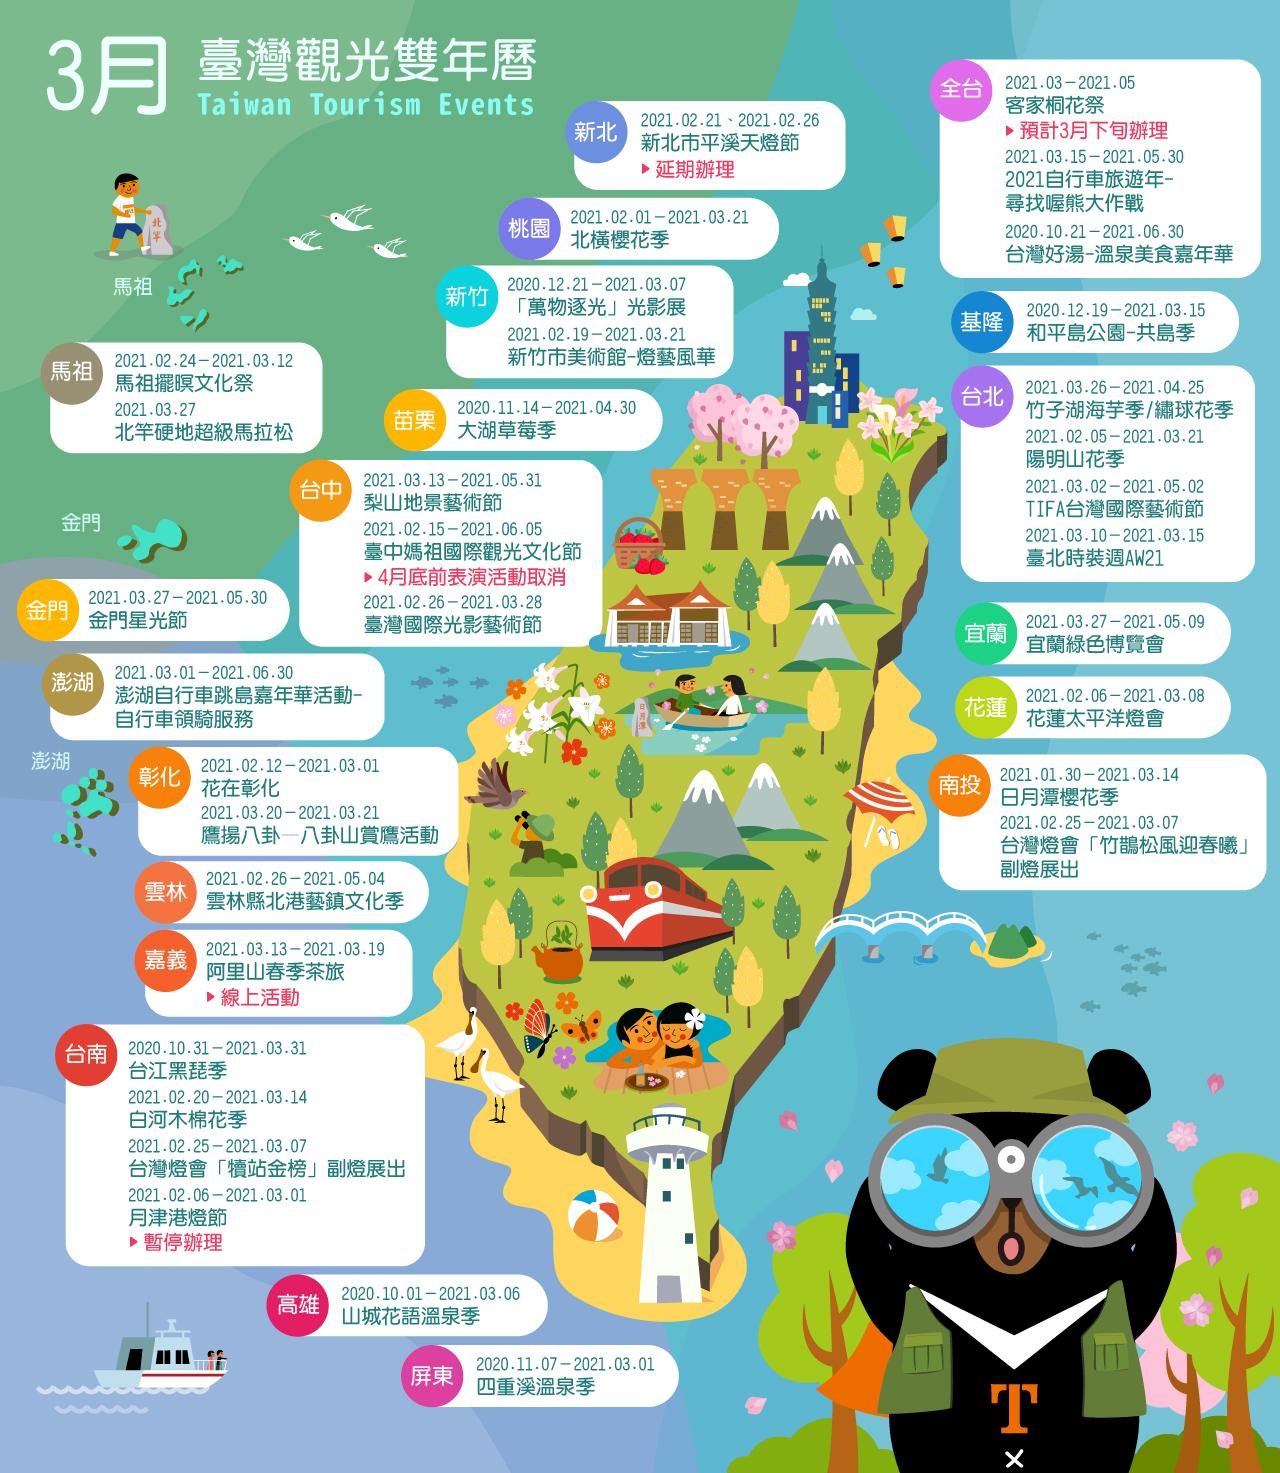 3月精彩活動盡在臺灣觀光雙年曆